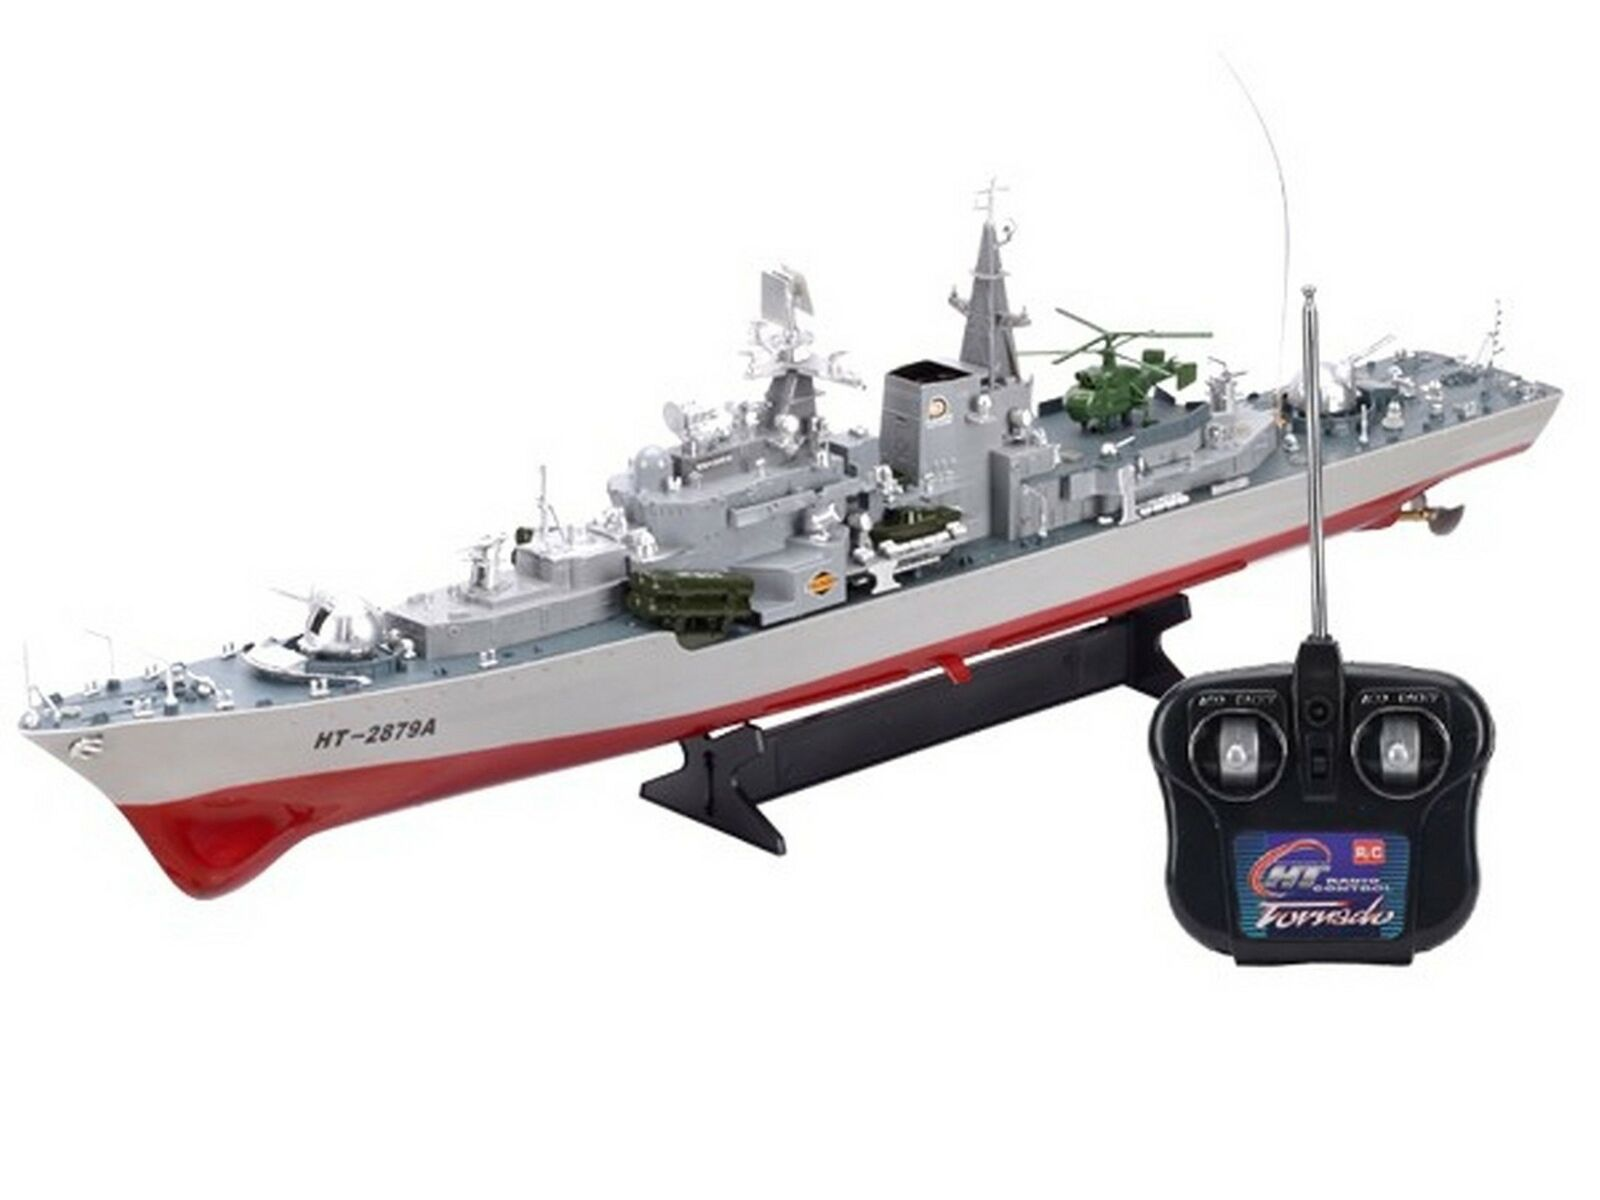 Masher Throher 31  Rc  Ht-2879 War Ship  vieni a scegliere il tuo stile sportivo